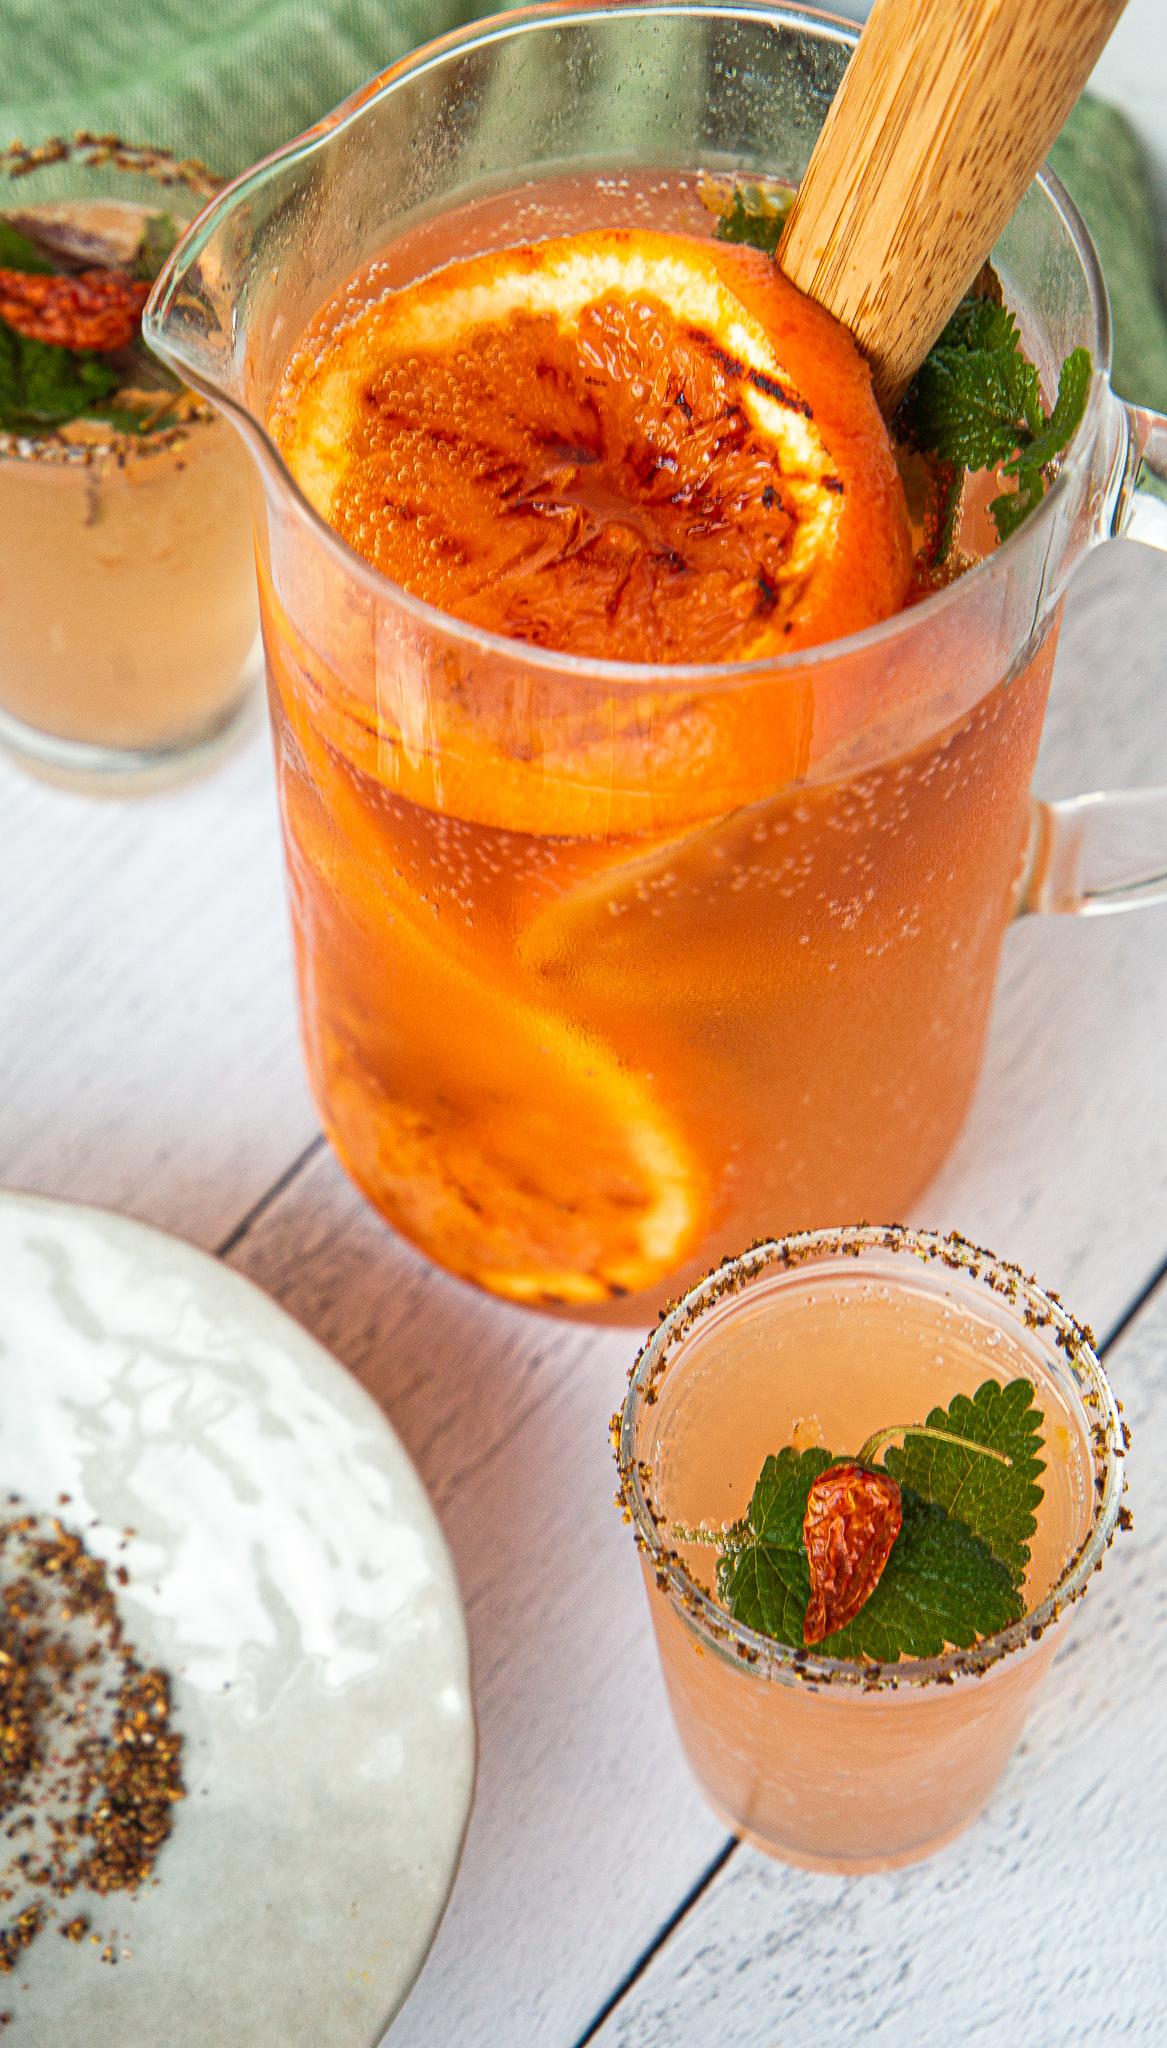 Smoked Grapefruit Punch - Mezcal optional, but encouraged.